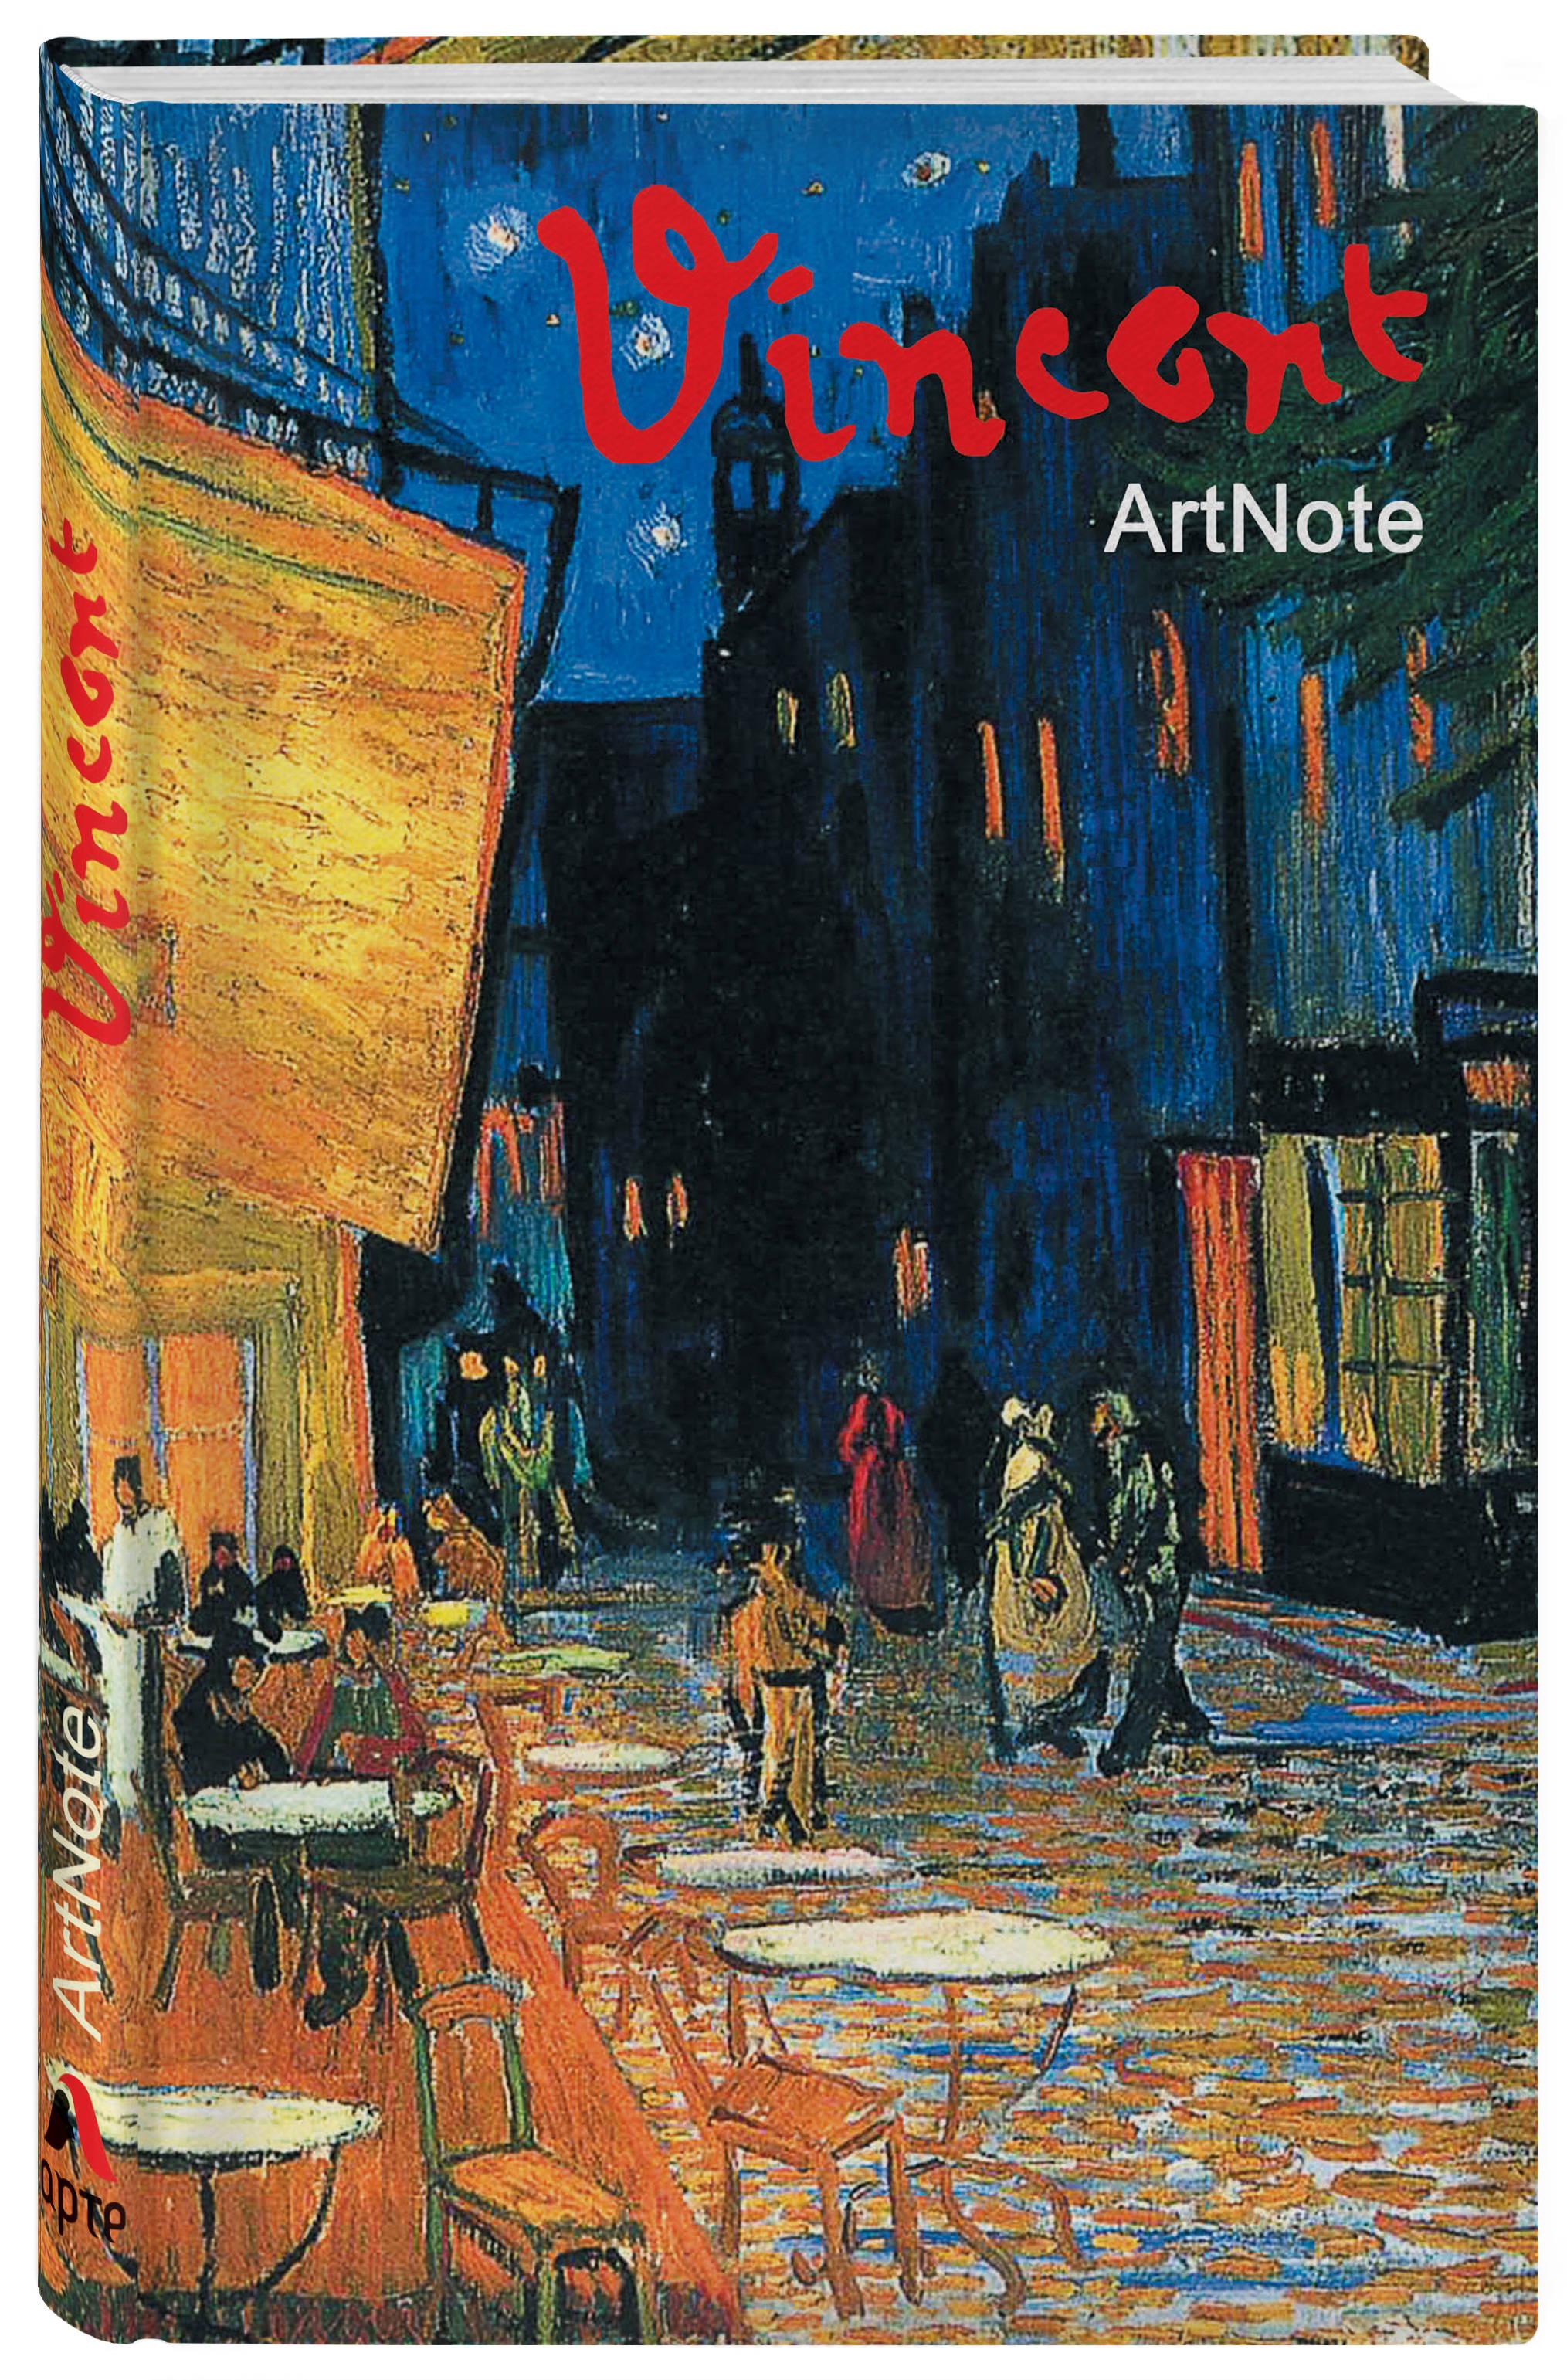 Ван Гог. ArtNote. Ночное кафе (Арте) блокнот в пластиковой обложке ван гог звёздная ночь формат а5 160 стр